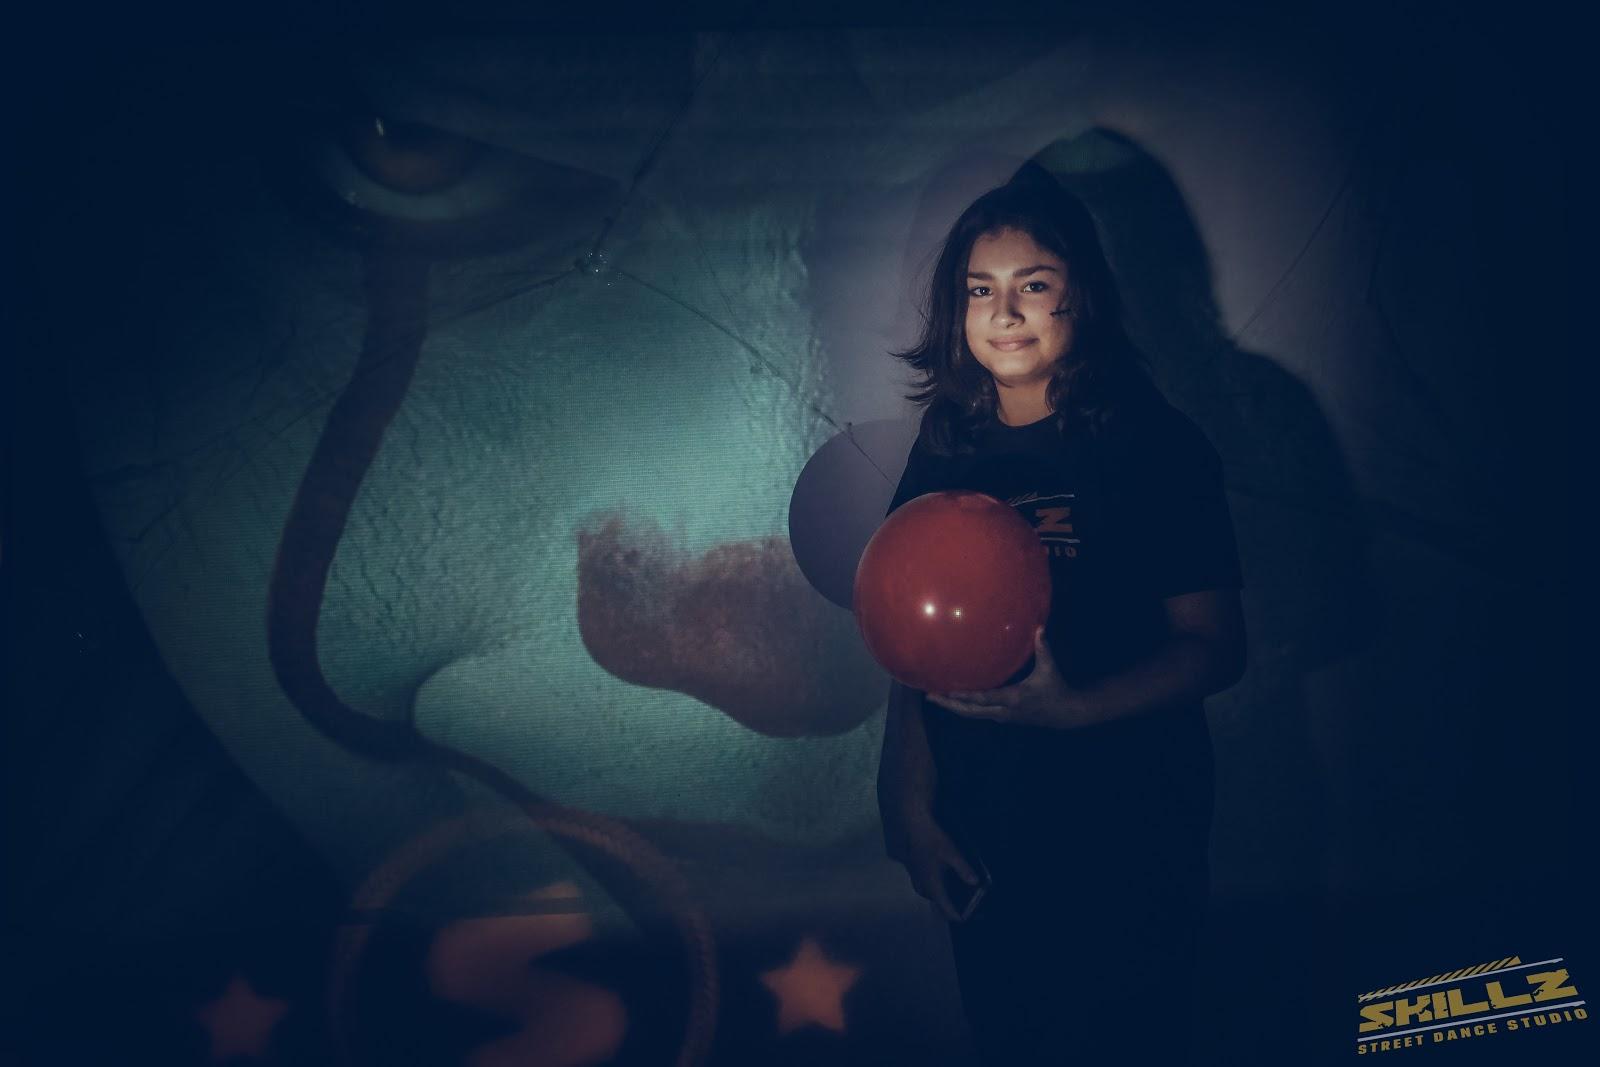 Naujikų krikštynos @SKILLZ (Halloween tema) - PANA1622.jpg